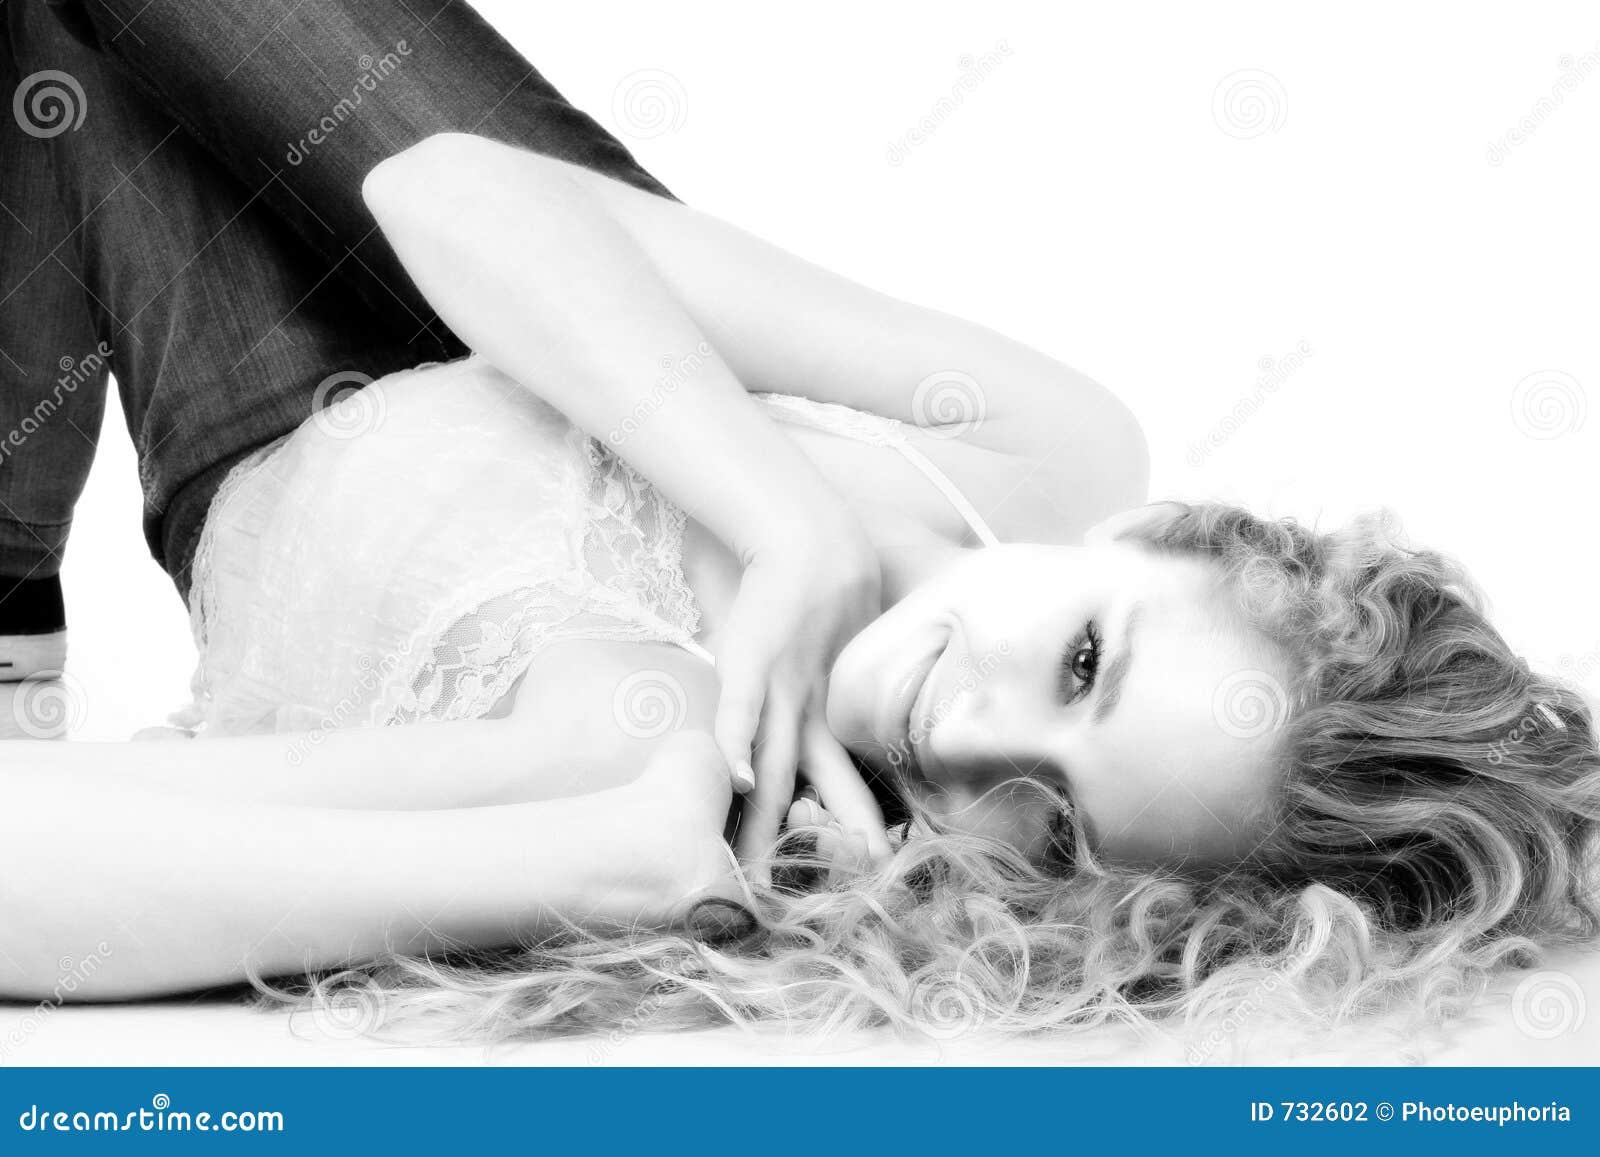 Emma en noir et blanc